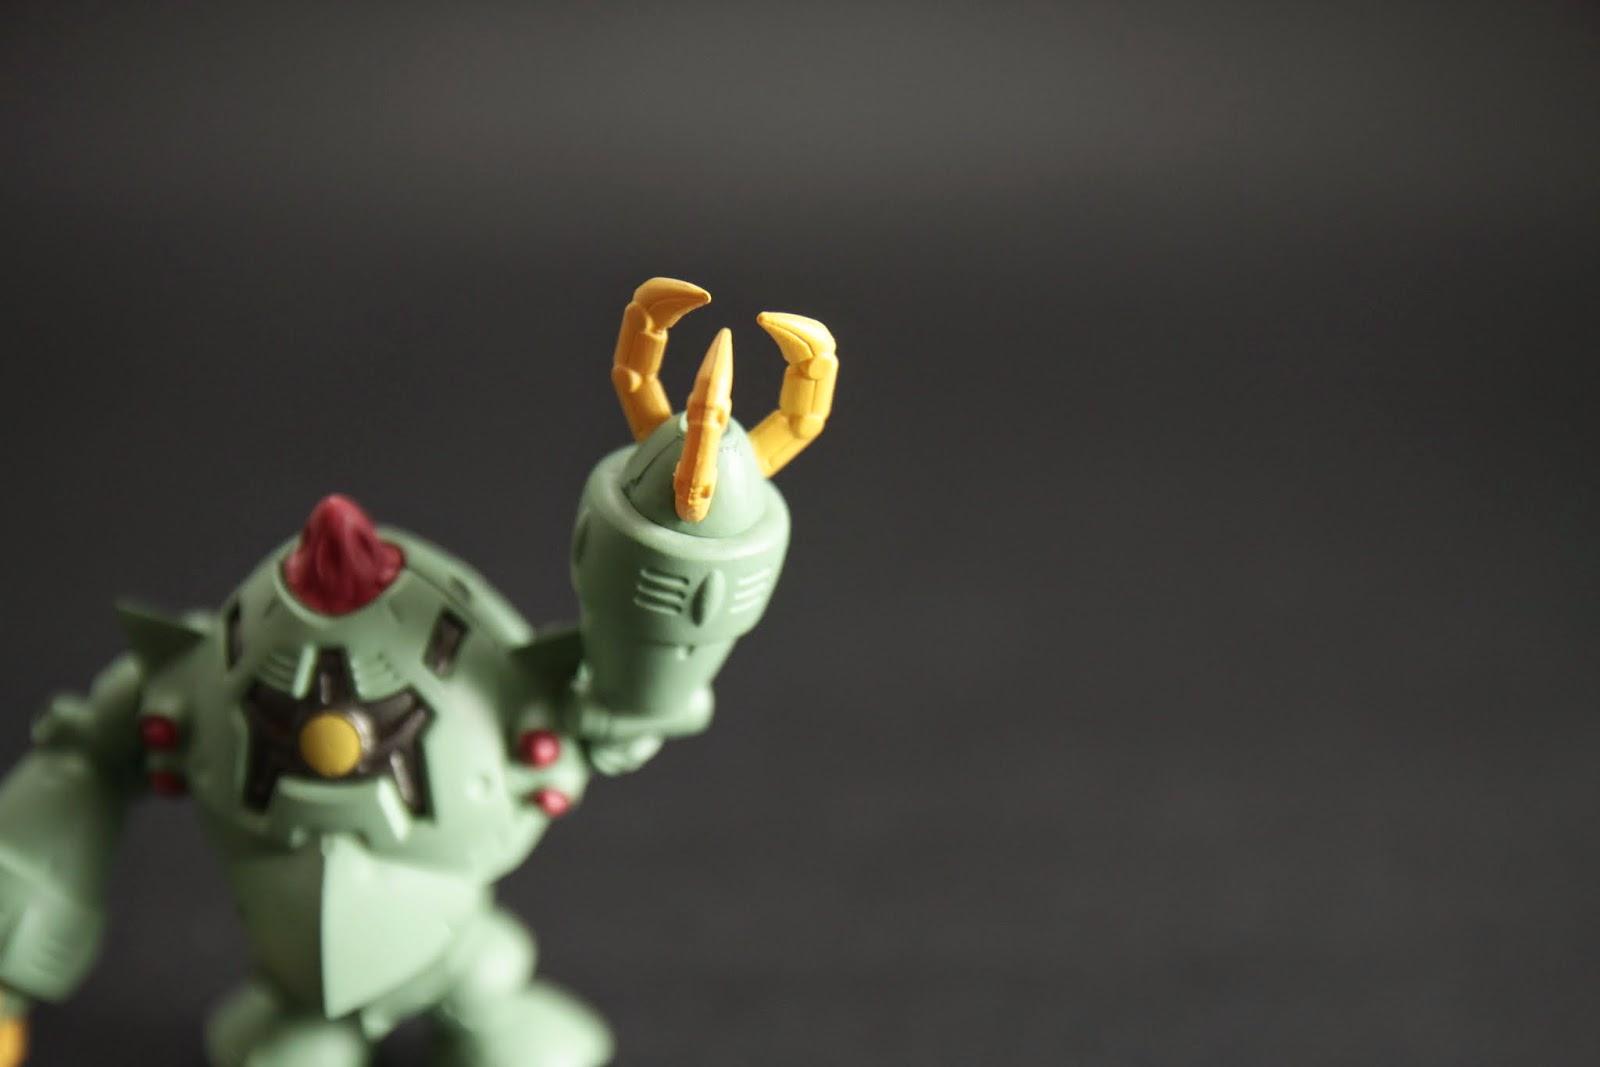 主武裝除了光束炮跟飛彈就是爪子了